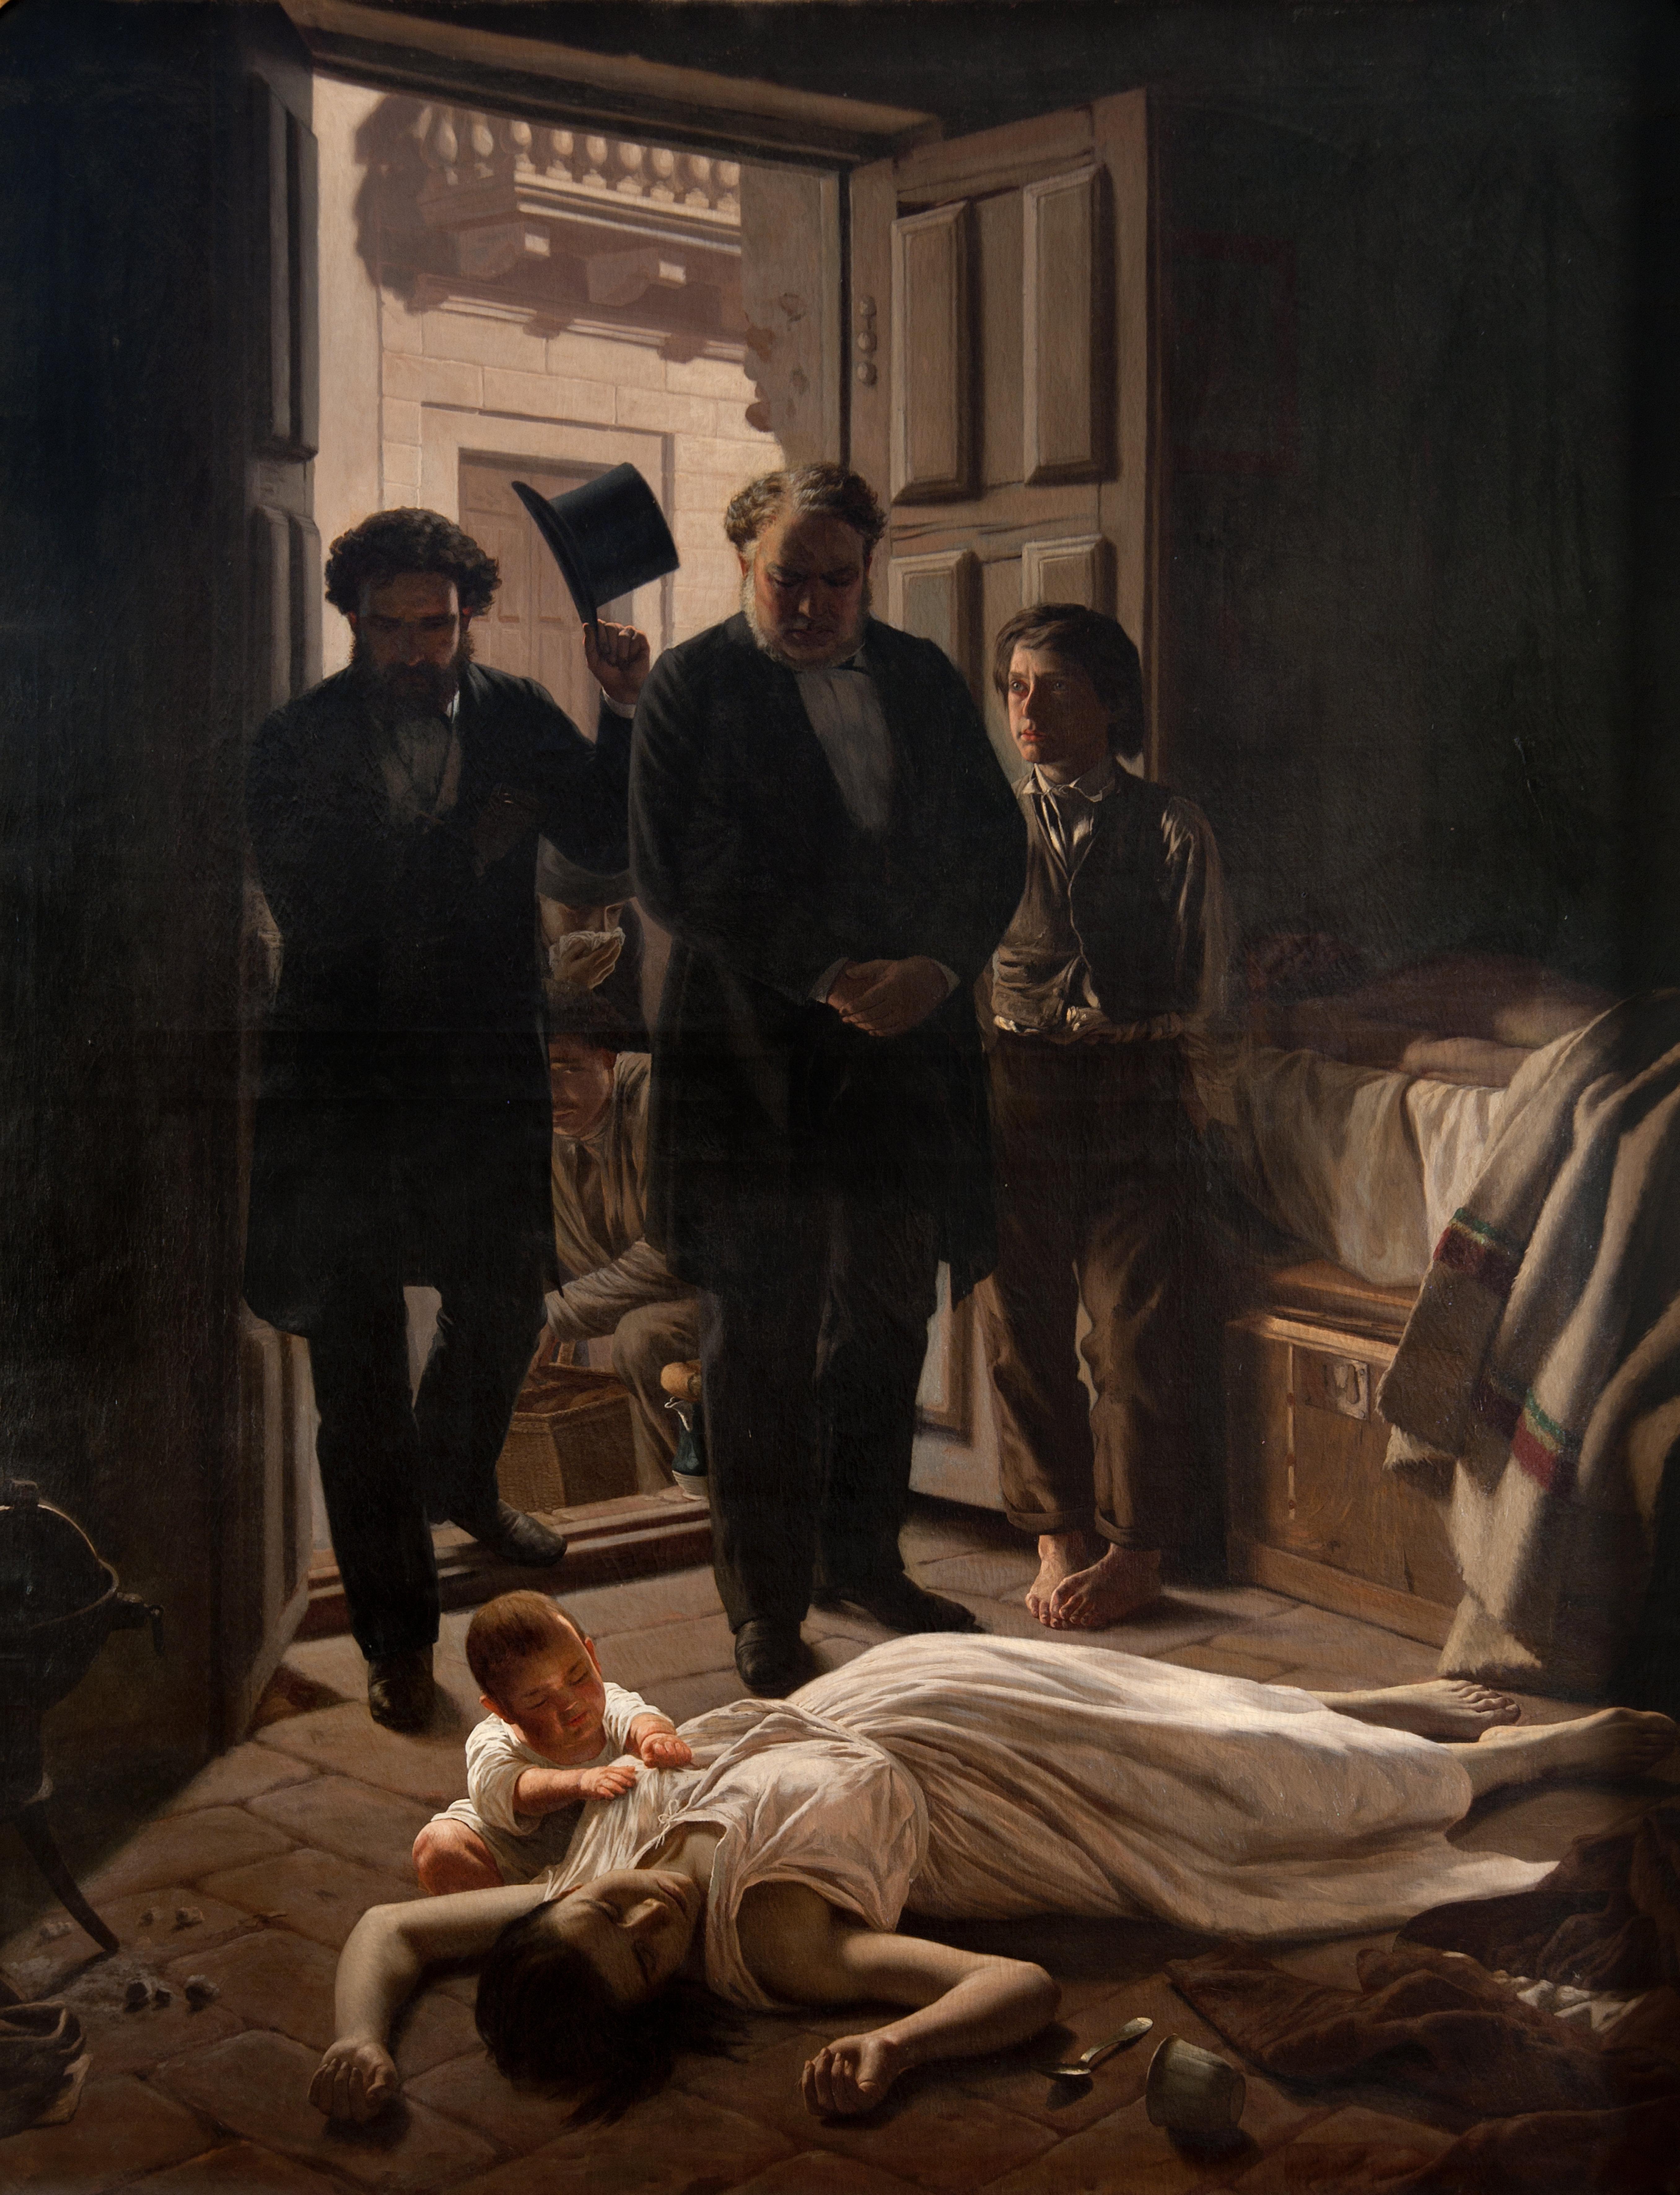 El cuadro 'Un episodio de la fiebre amarilla en Buenos Aires', de Juan Manuel Blanes, 1871